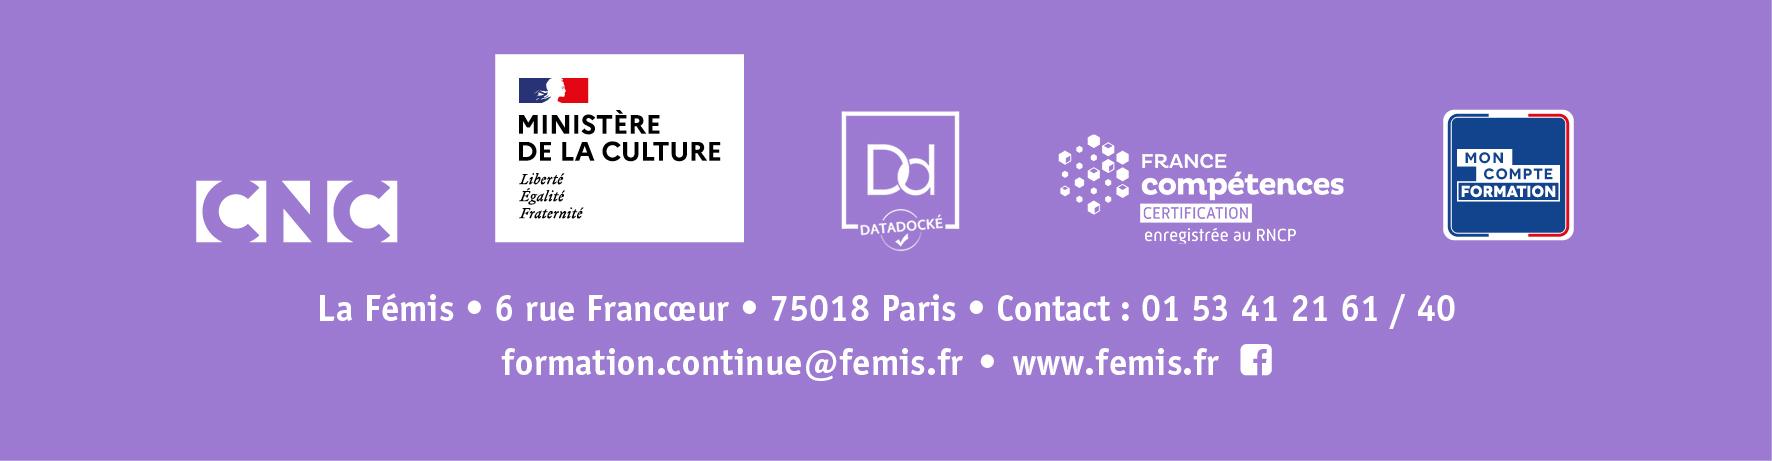 La Femis - Concevoir projet doc 2020